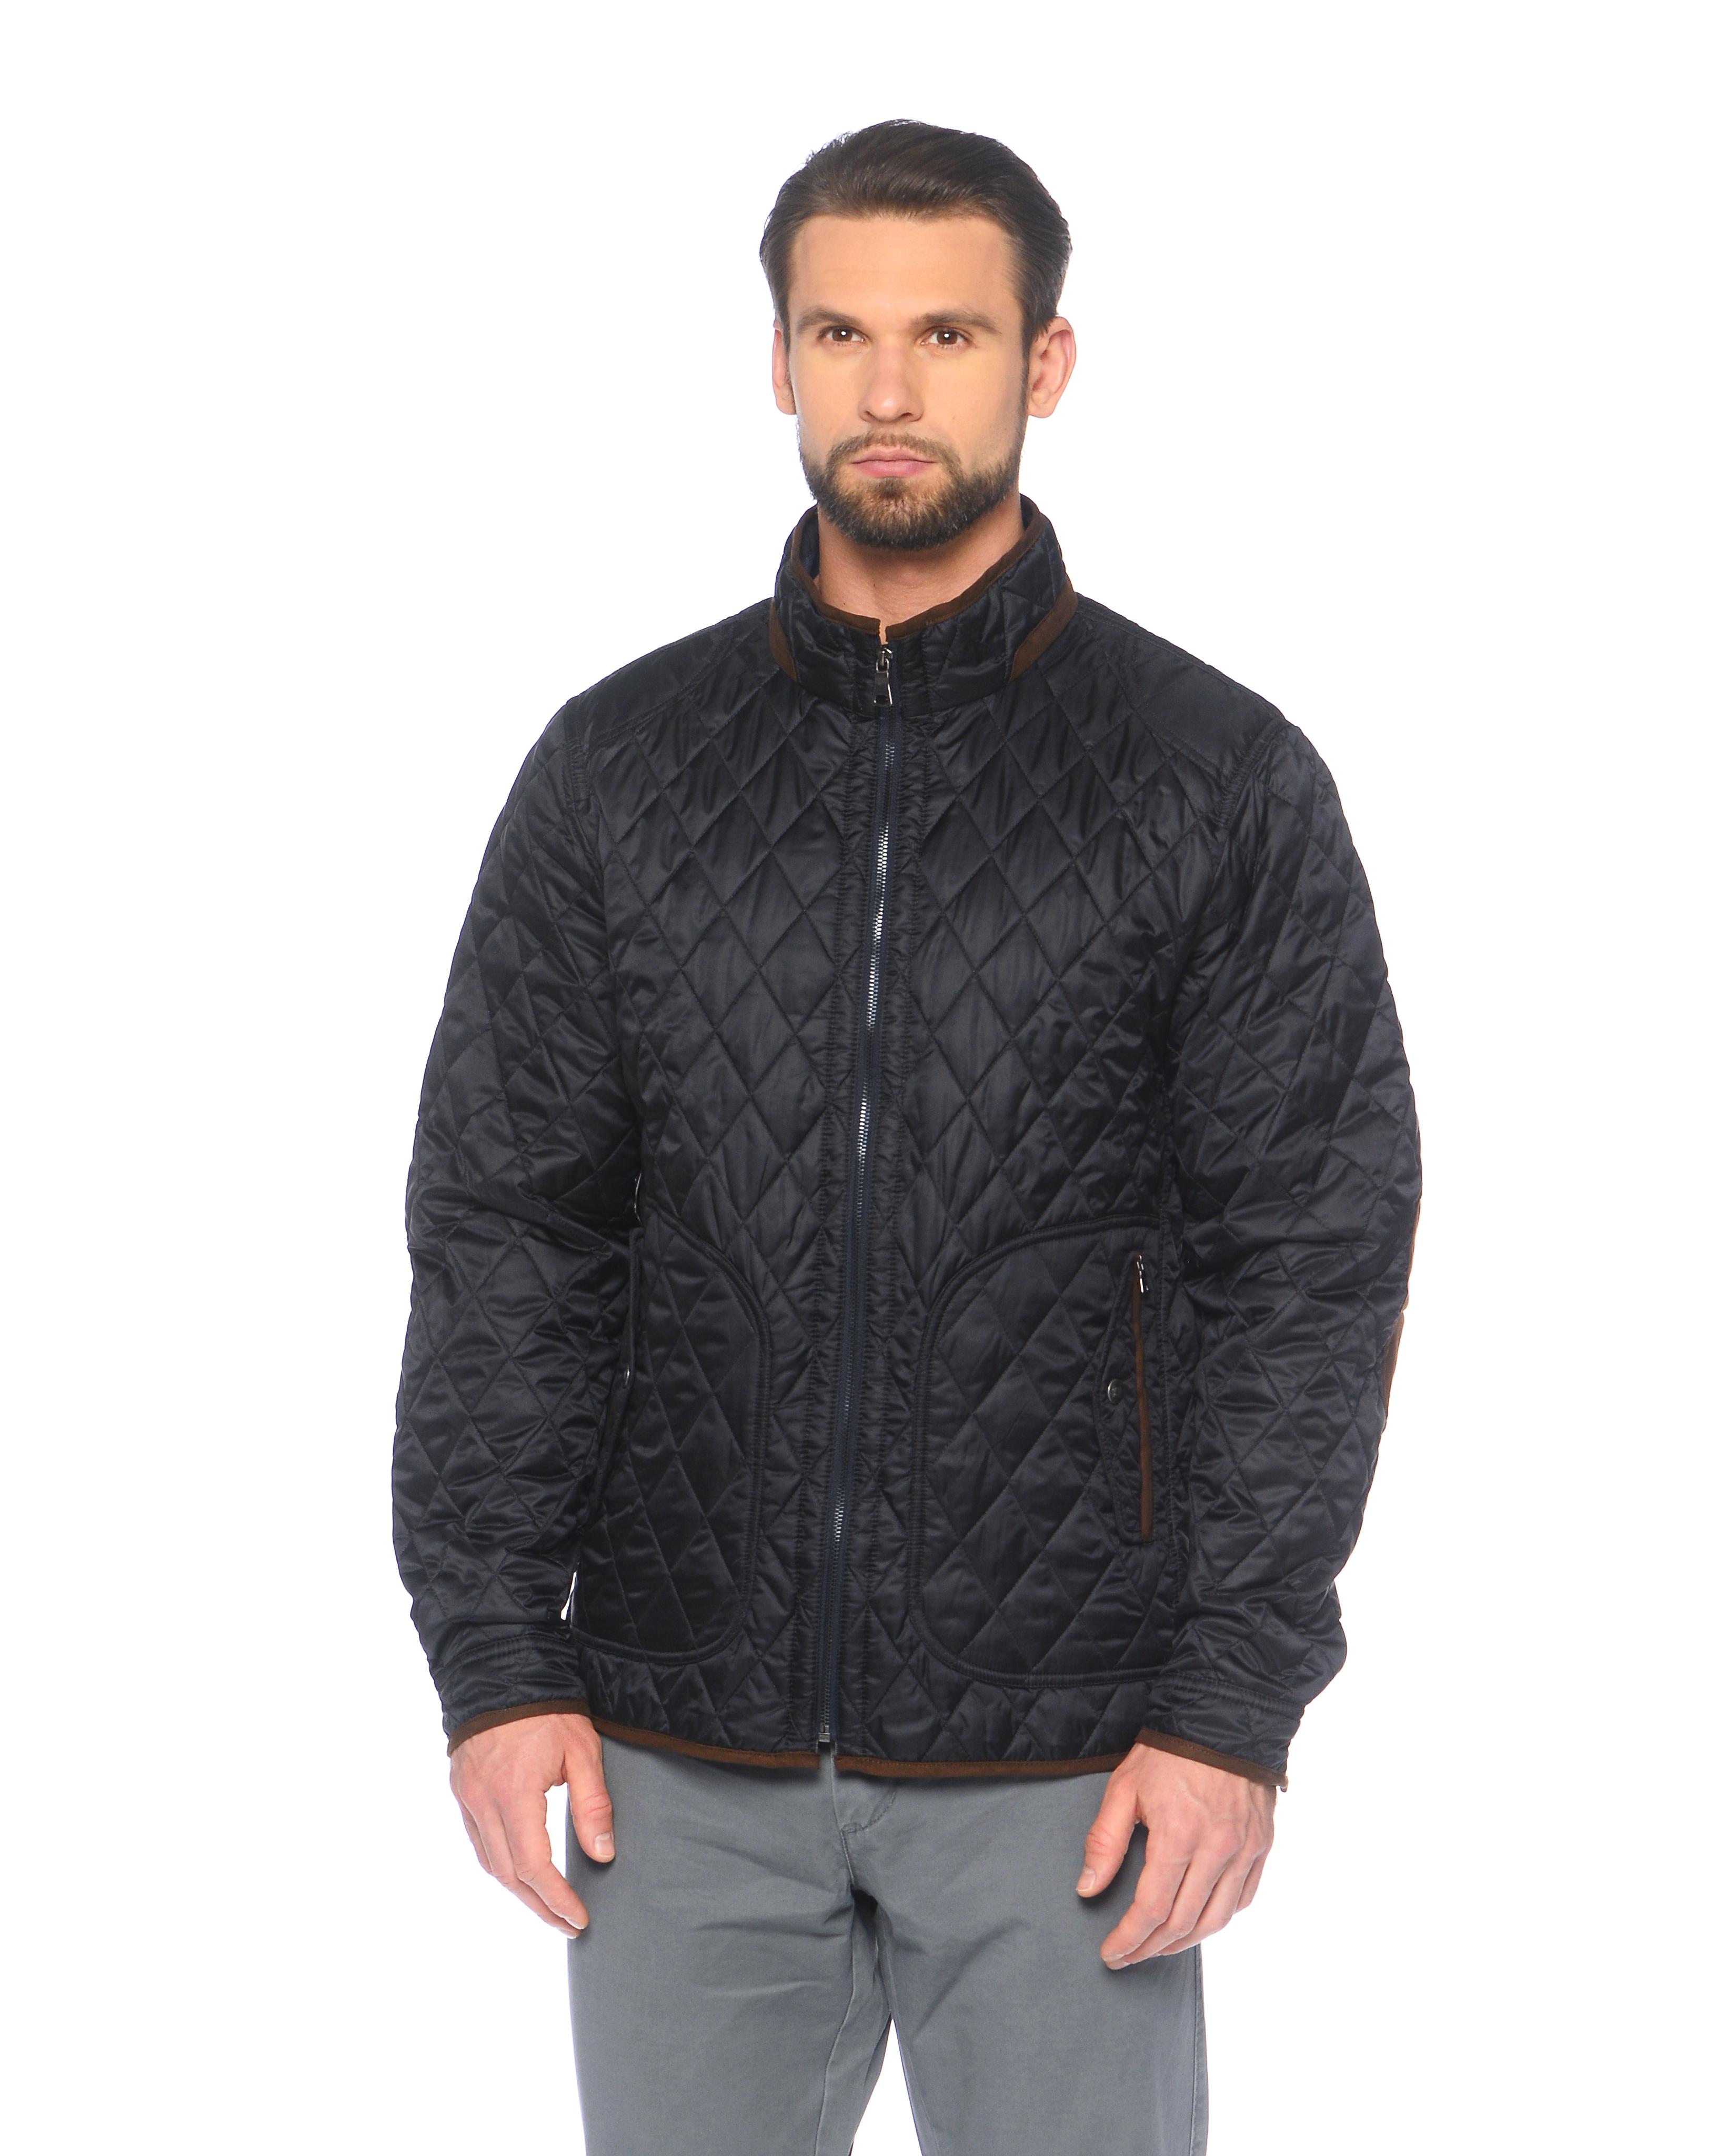 Мужская куртка из текстиля с воротником, без отделки<br><br>Воротник: стойка<br>Длина см: Средняя (75-89 )<br>Материал: Текстиль<br>Цвет: синий<br>Вид застежки: центральная<br>Застежка: на молнии<br>Пол: Мужской<br>Размер RU: 56